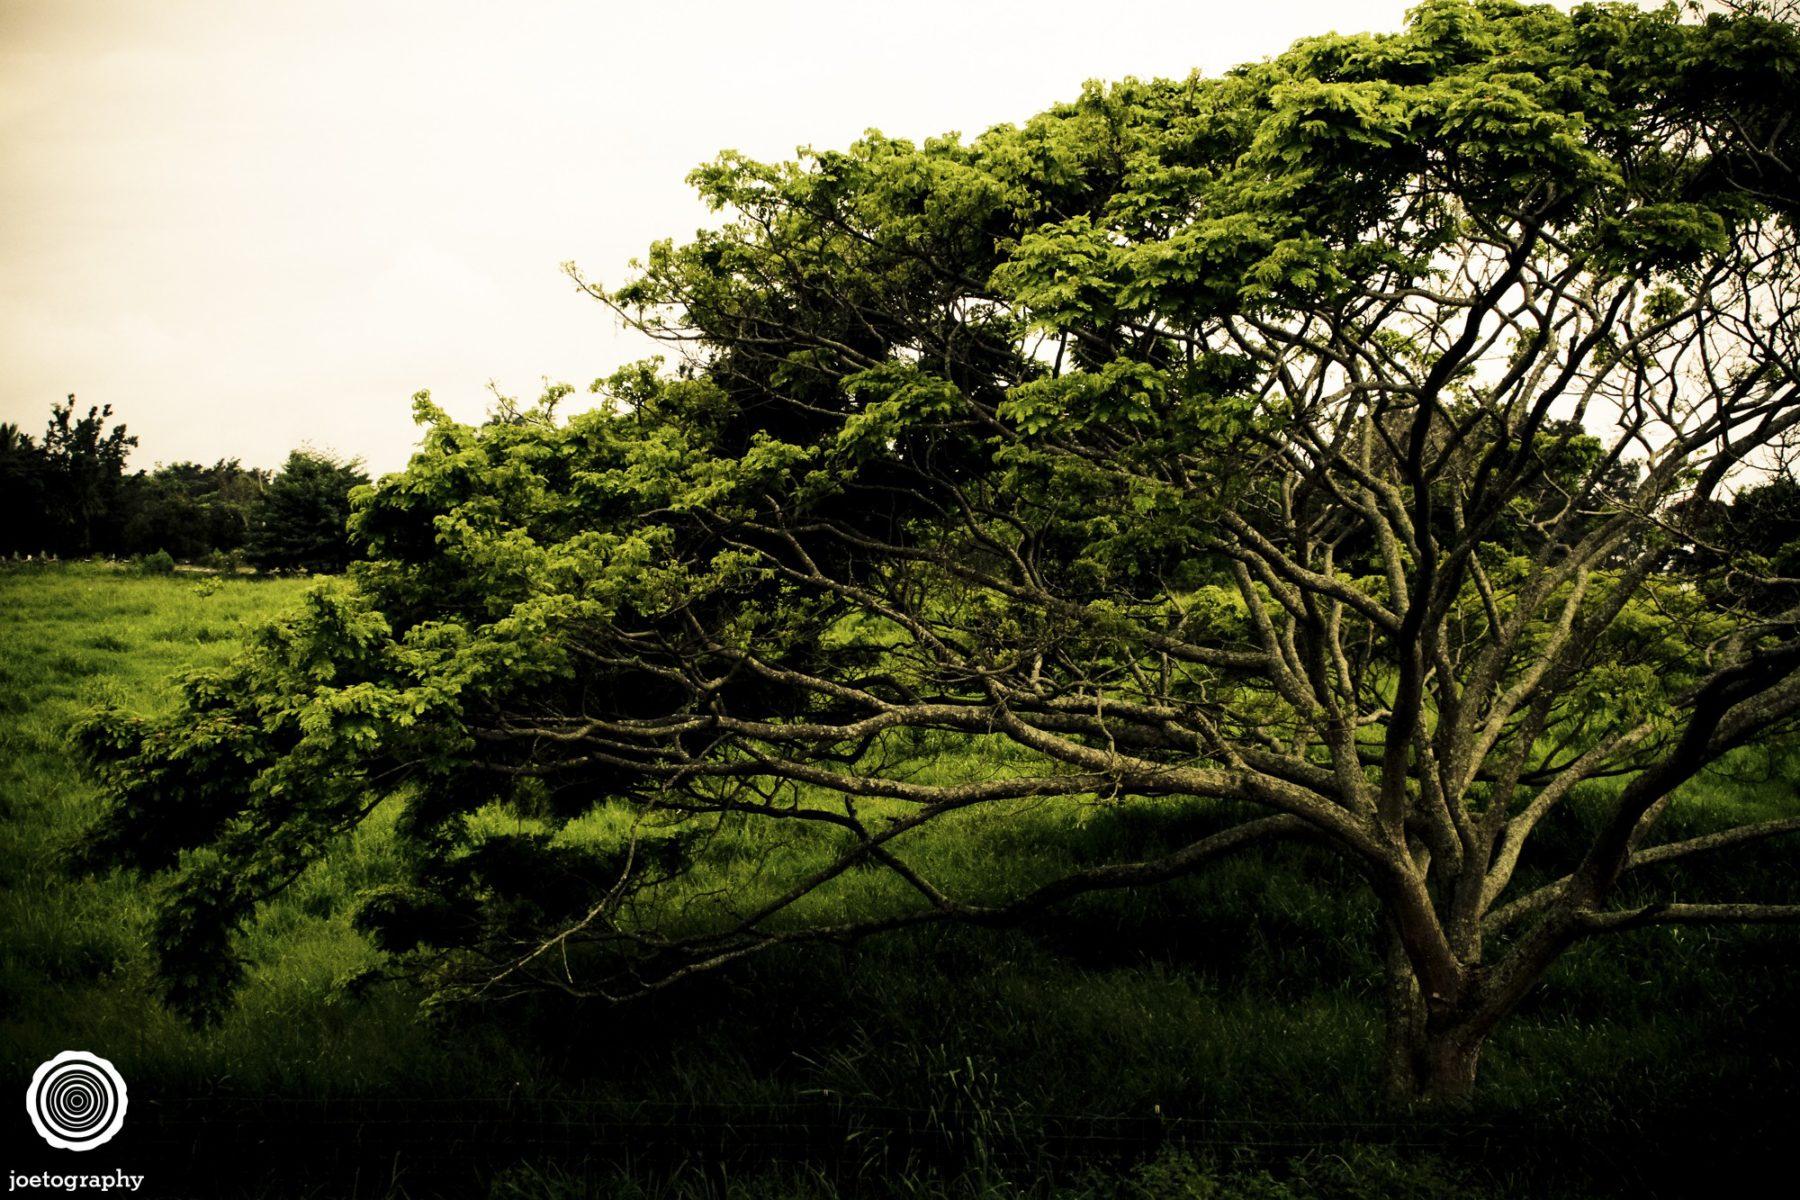 Hawaii-Big-Island-Travel-Photography-2011-4